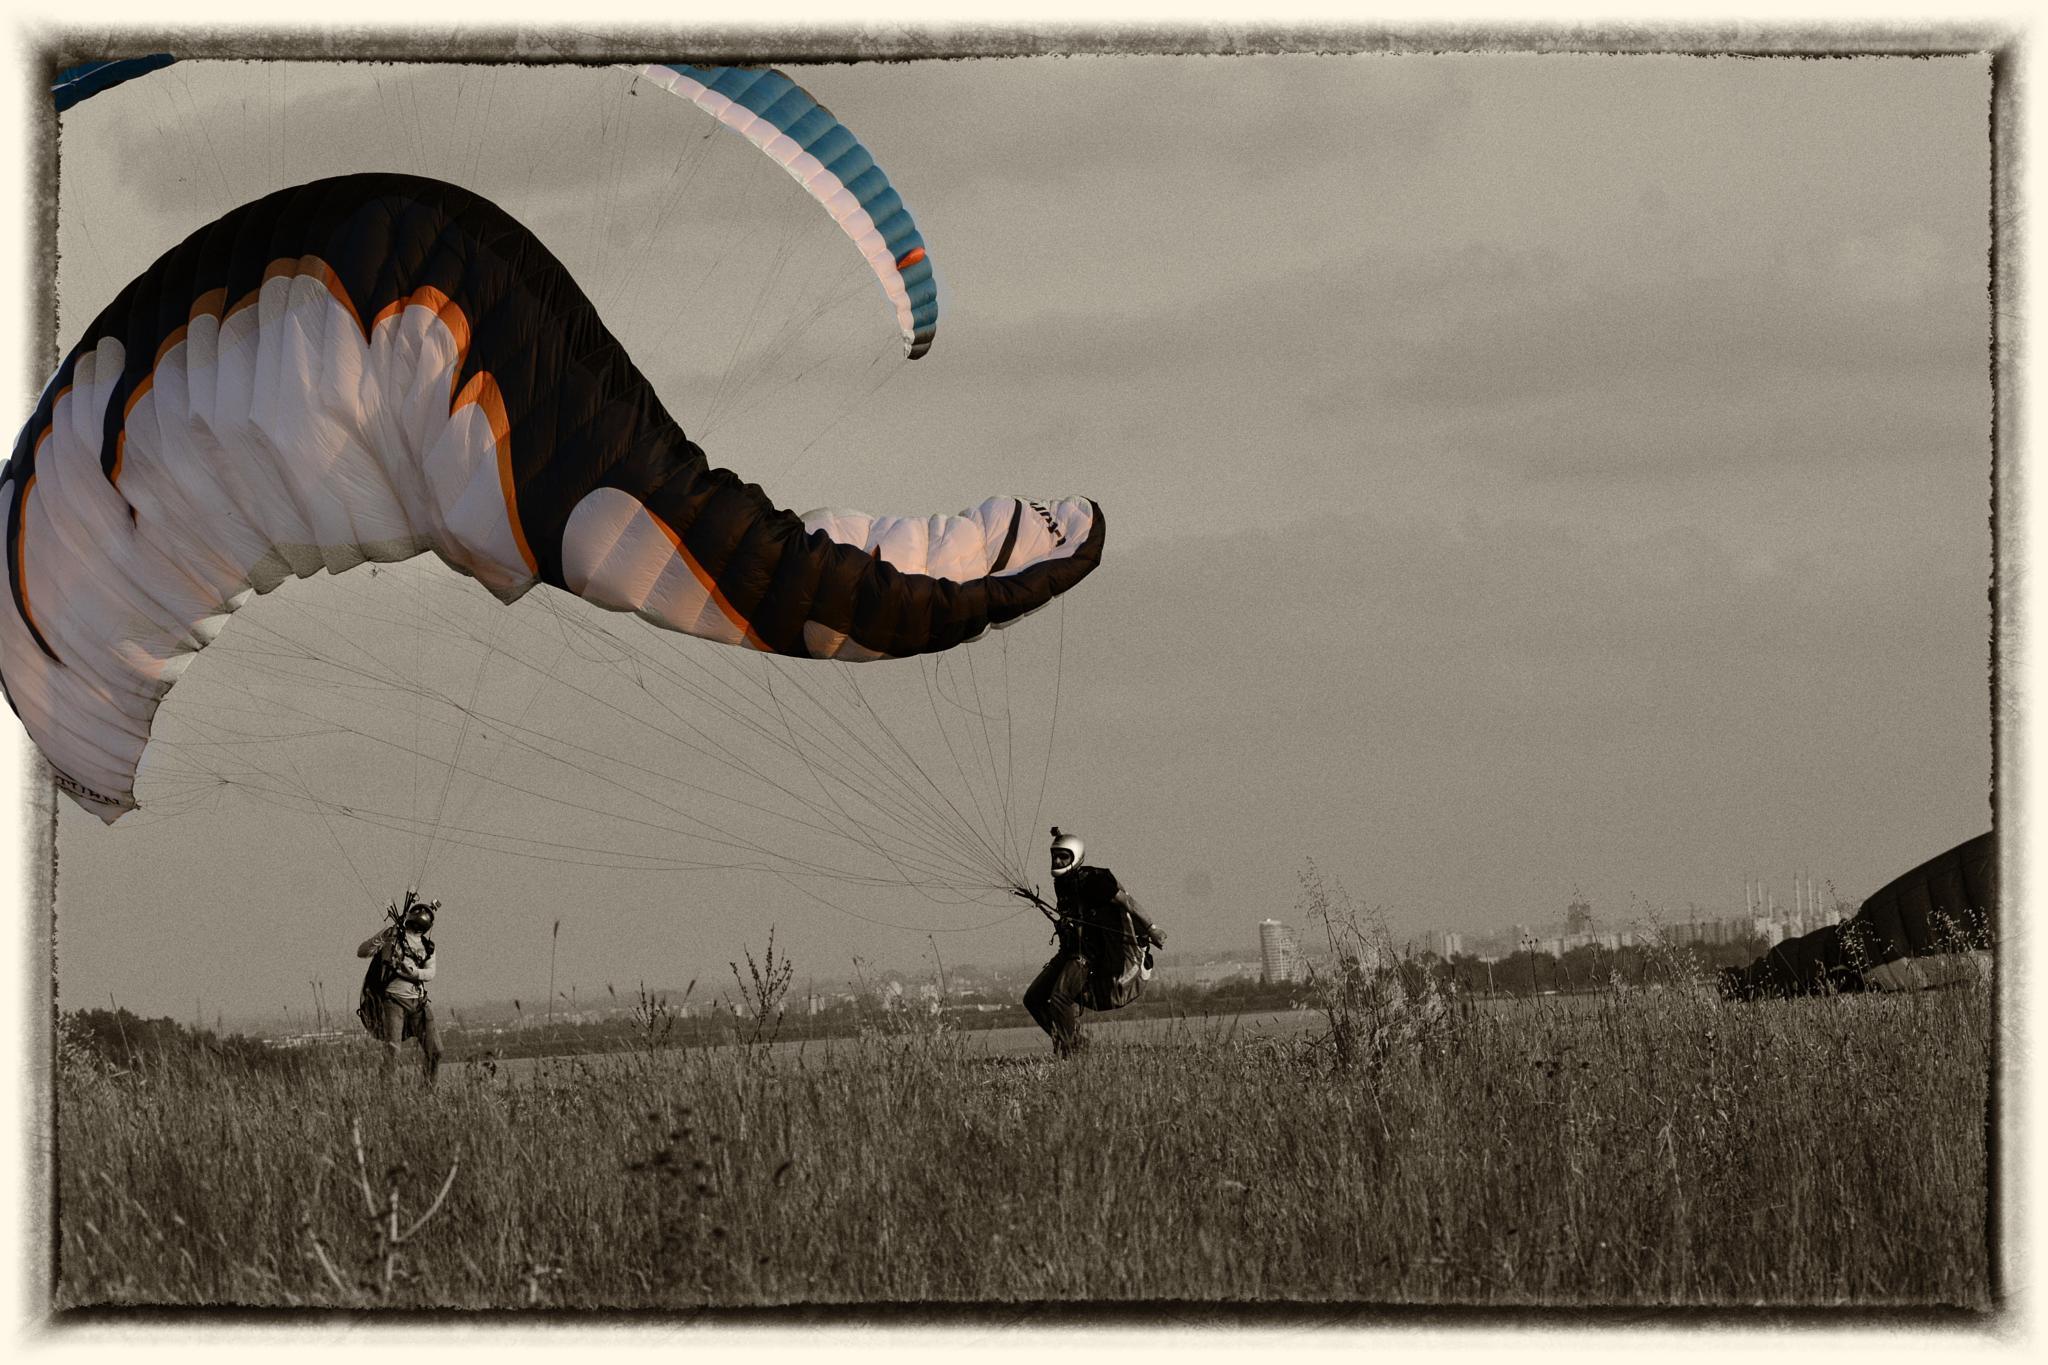 Parachute by ElcinYoldascan